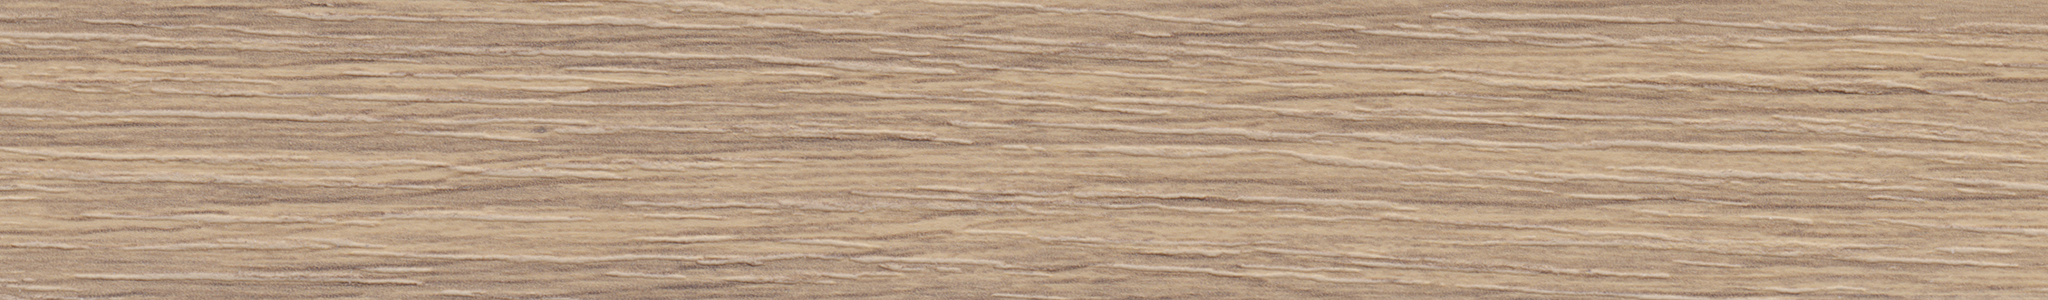 HD 243038 Кромка ABS Дуб Шале - Поры - Мягкая Матовая